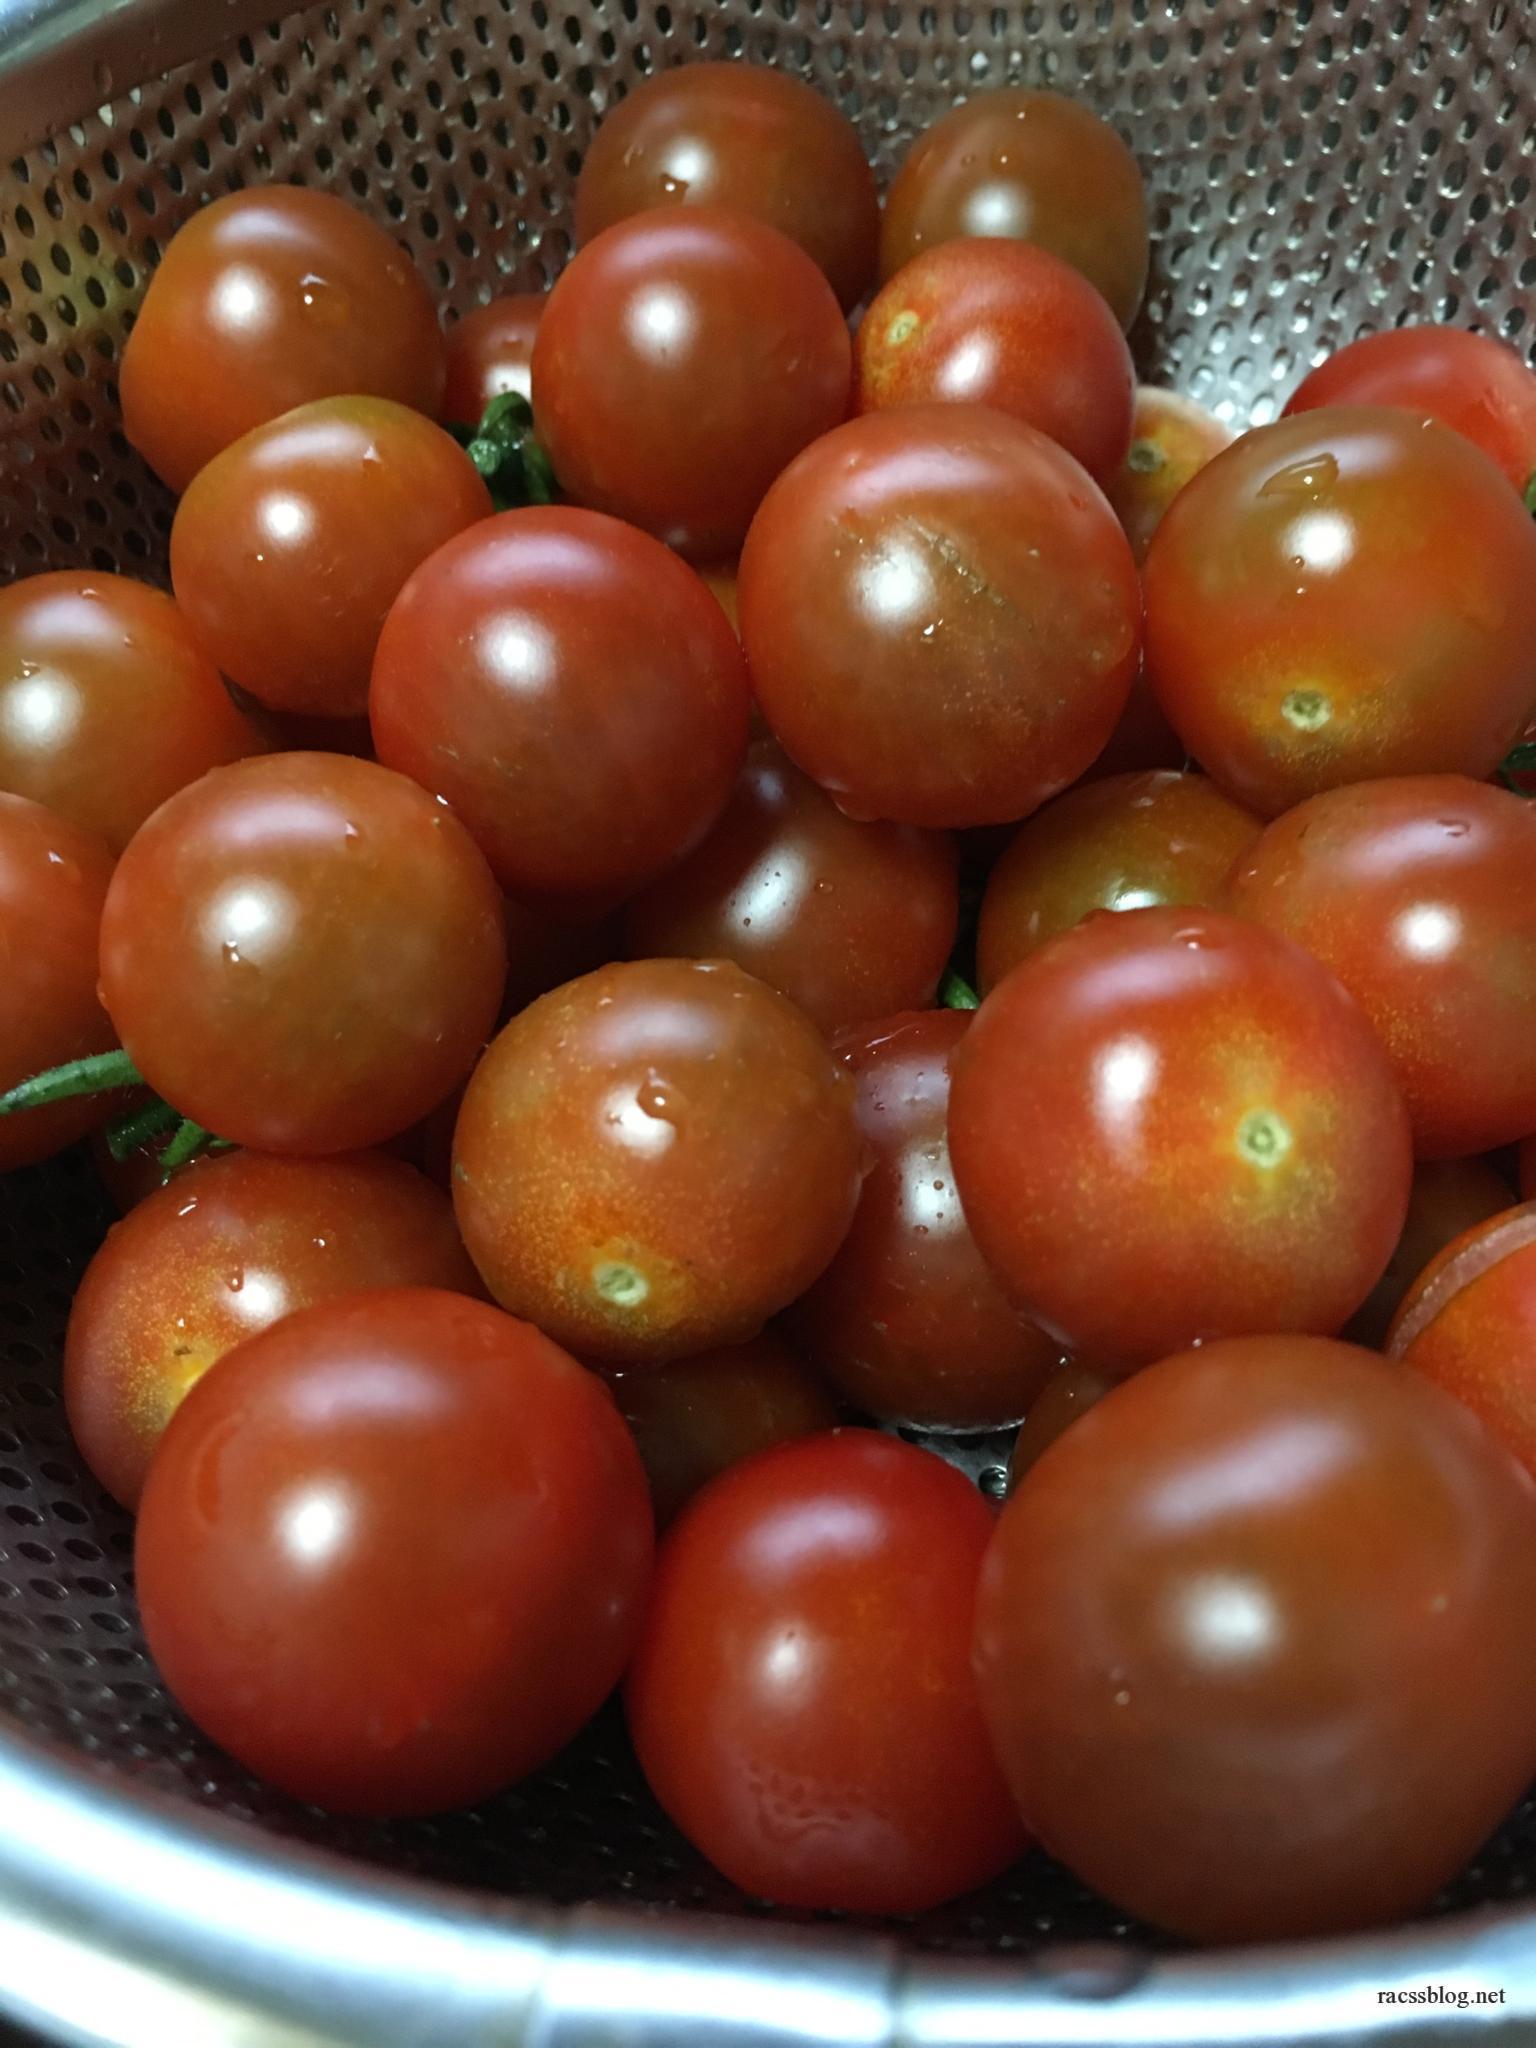 プチトマト大量消費に美味しいはちみつ漬け他5レシピ